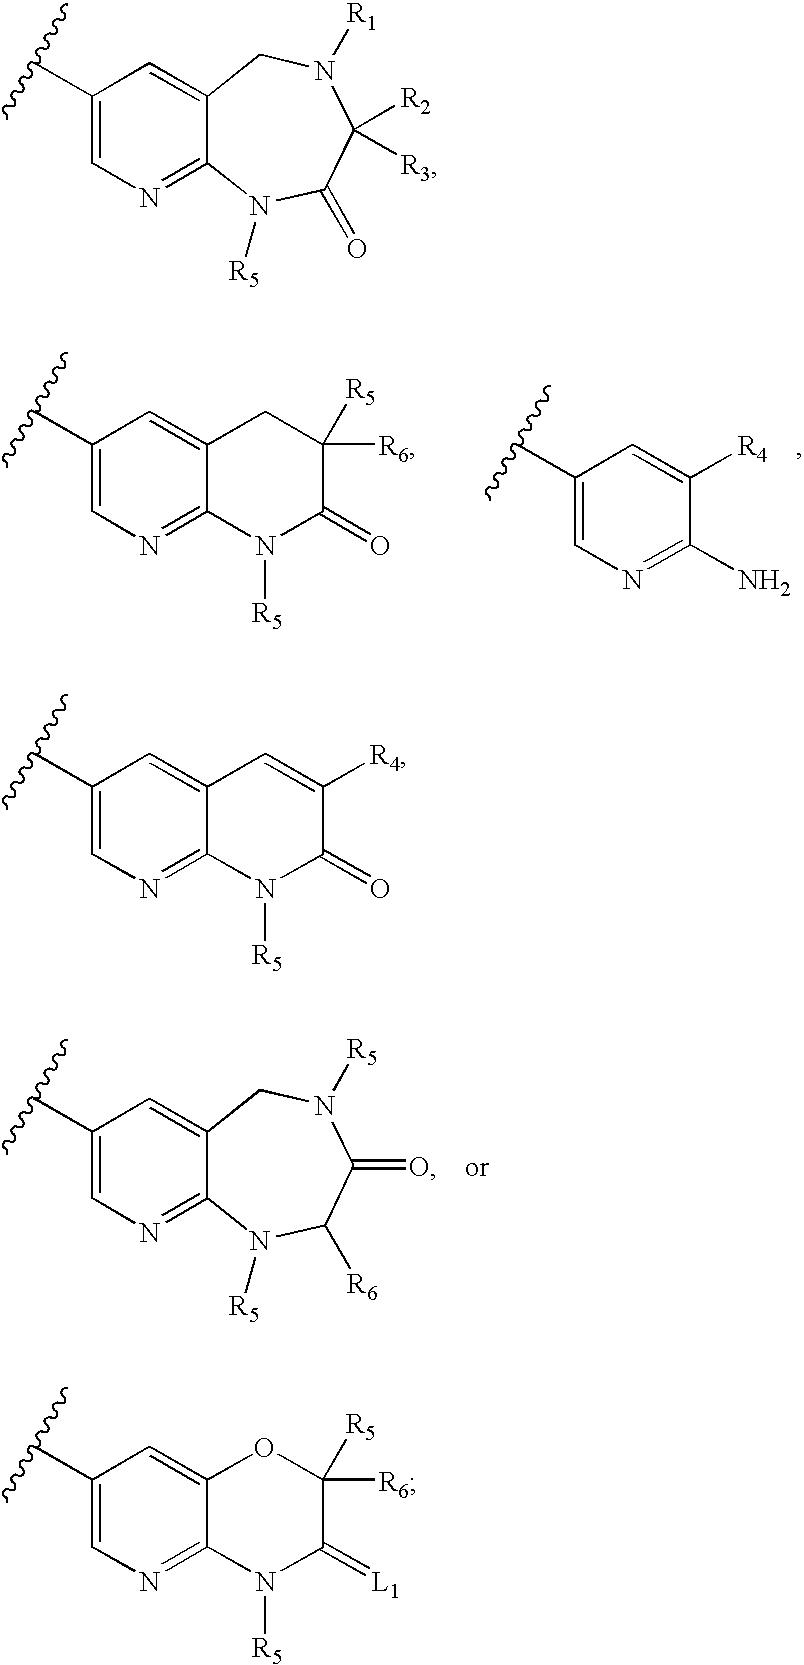 Figure US08450307-20130528-C00016